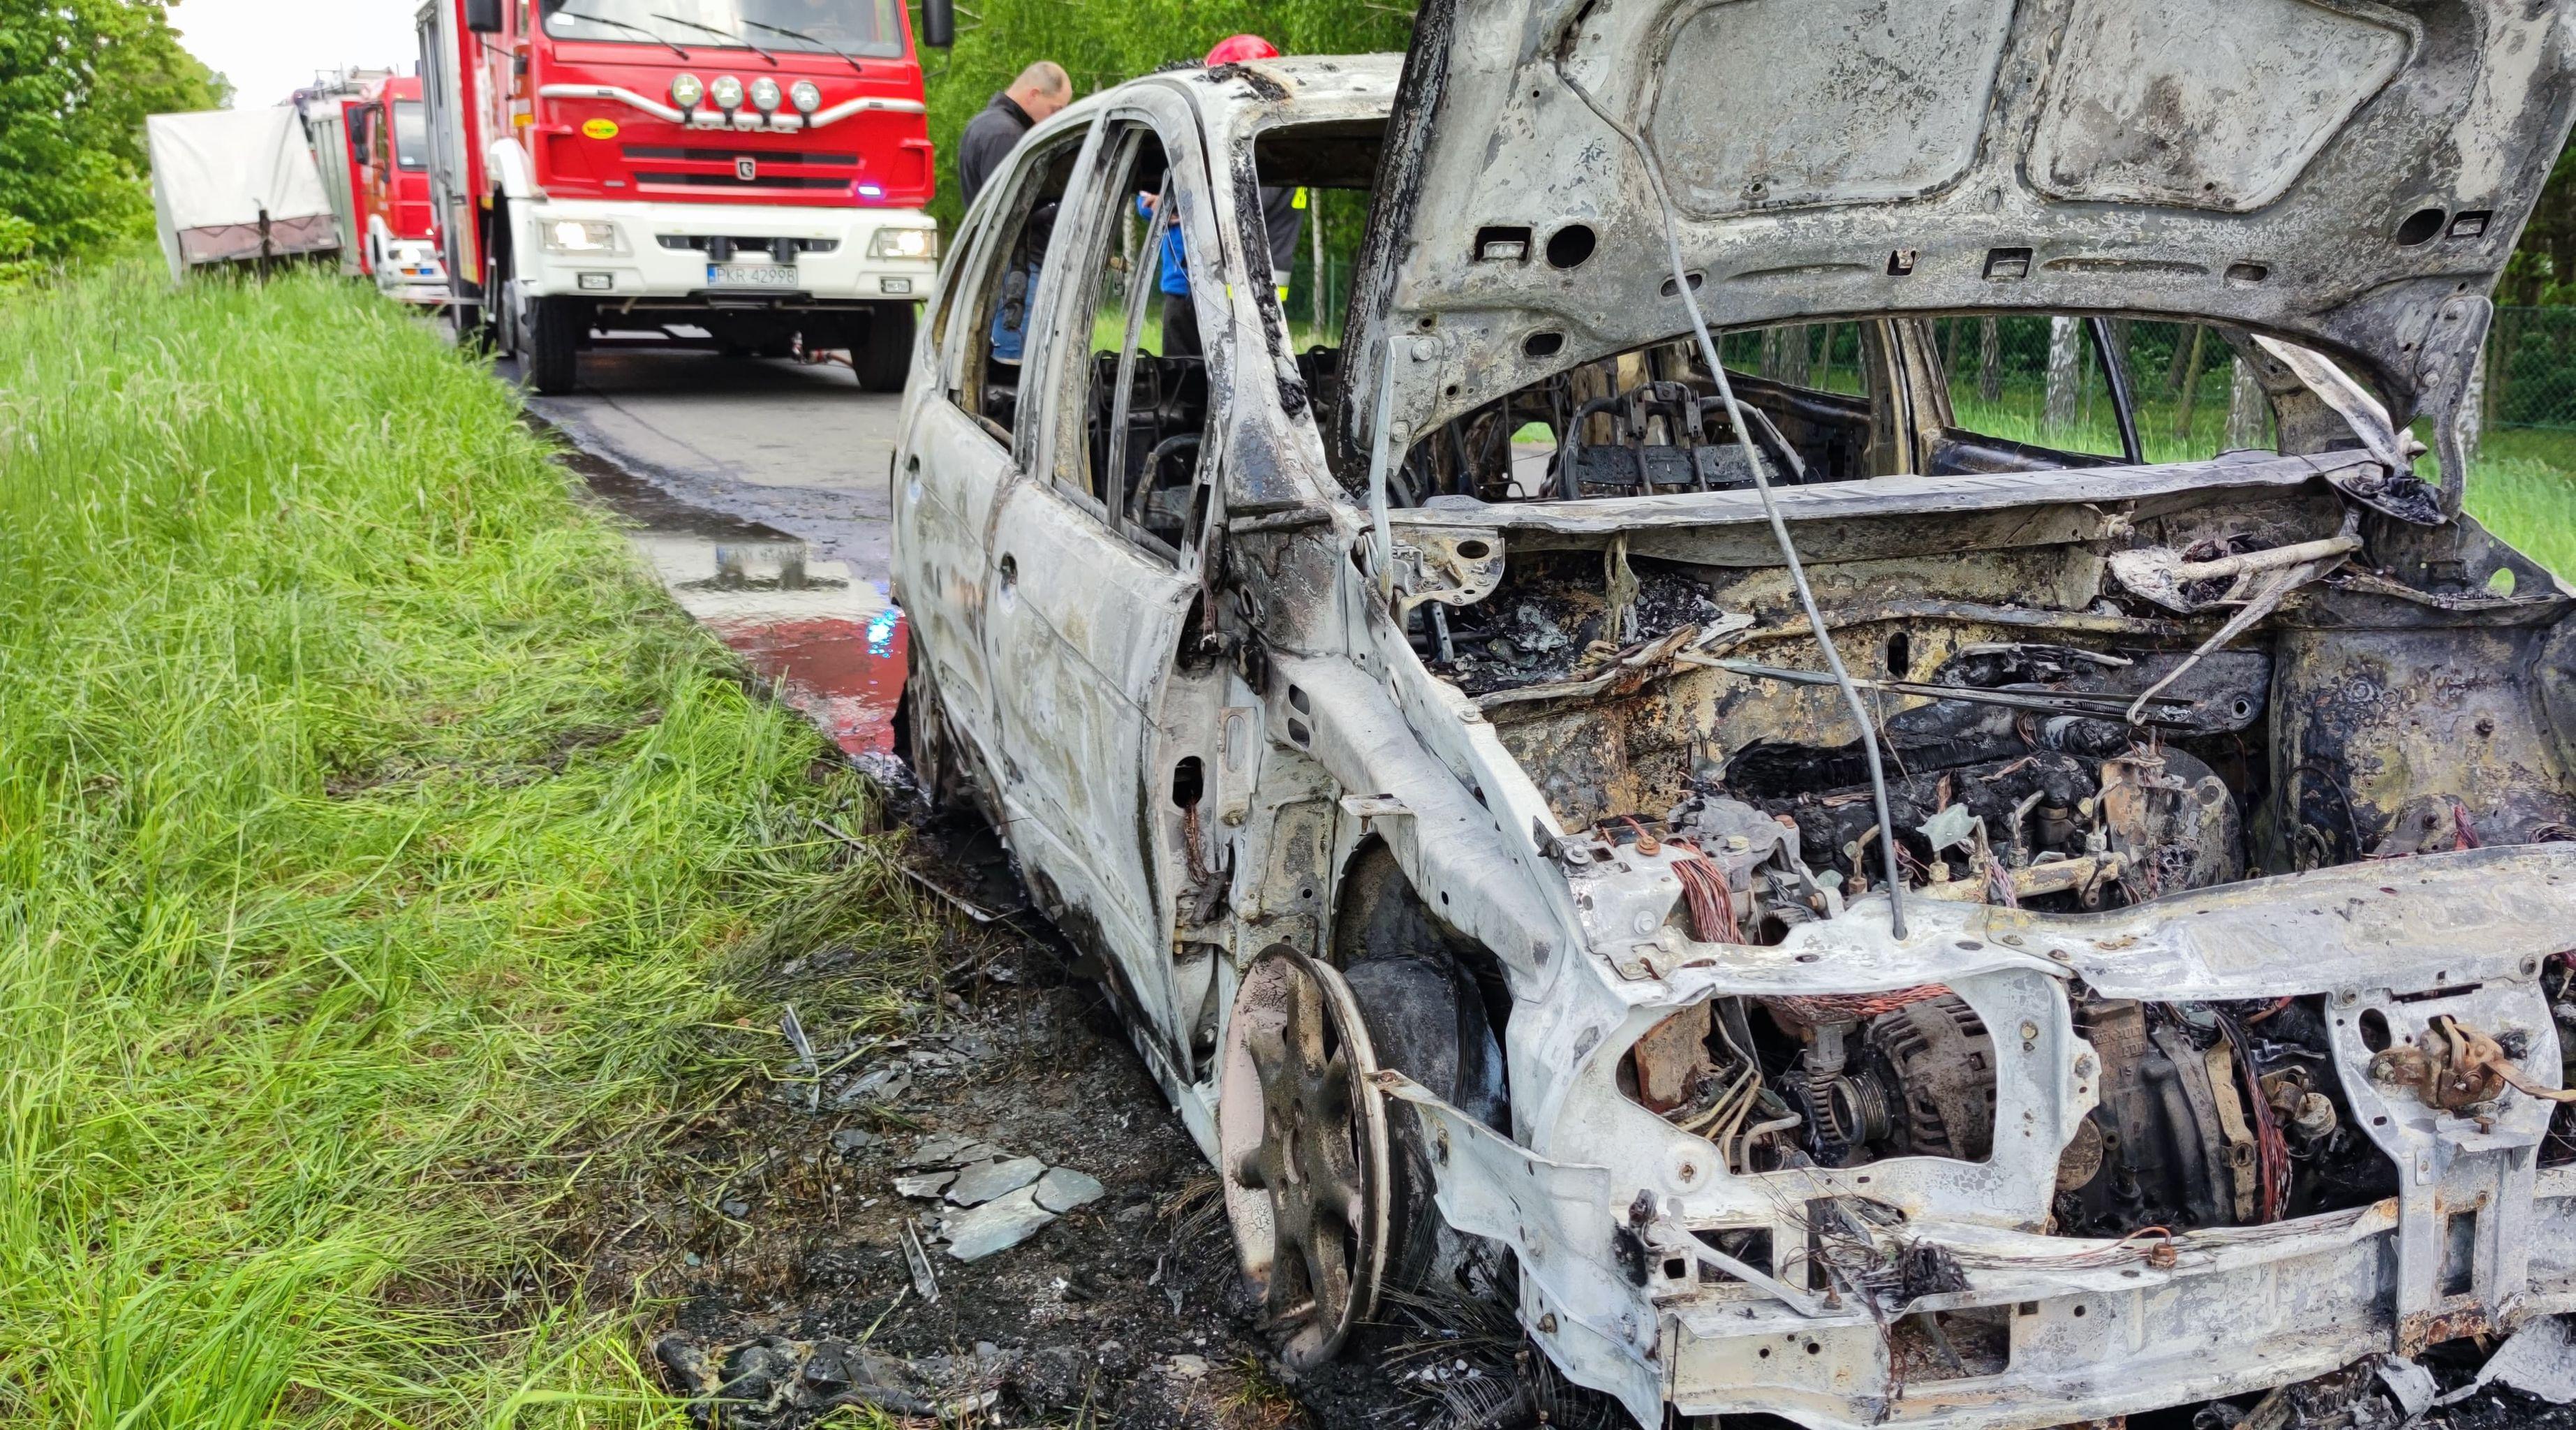 Gm. Koźmin Wlkp. Renault Scenic spłonął doszczętnie - Zdjęcie główne